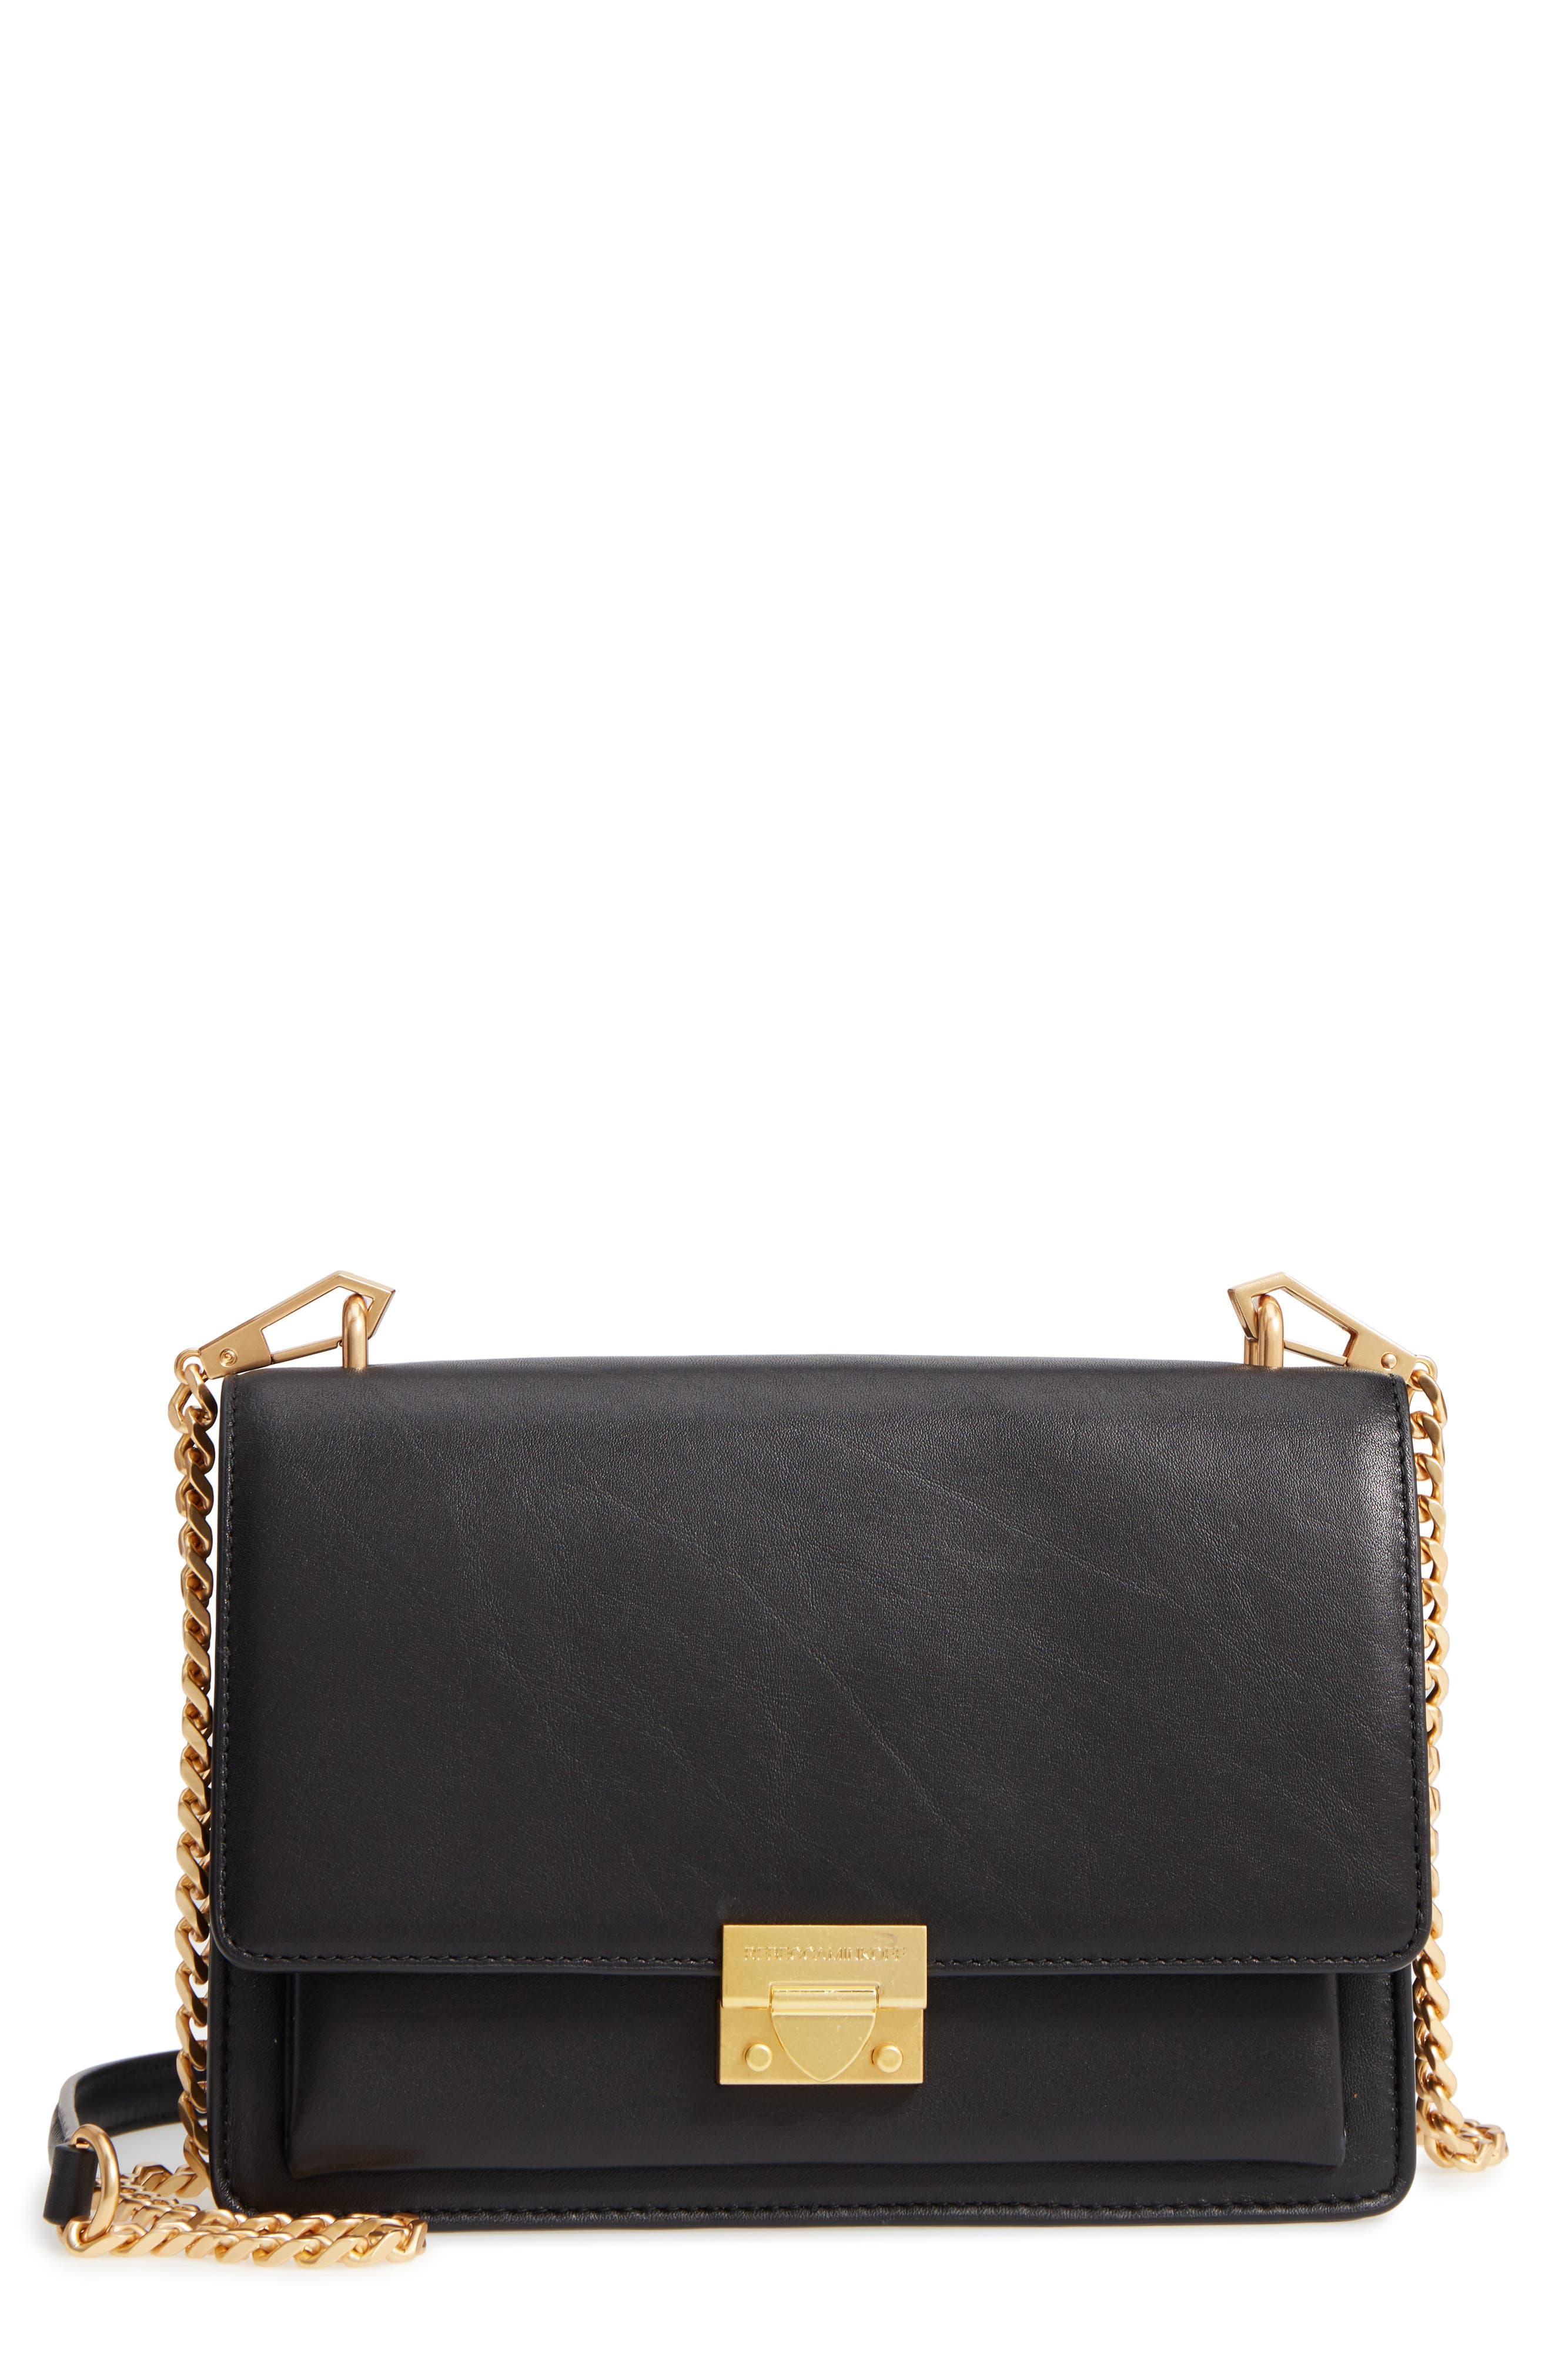 Medium Christy Leather Shoulder Bag,                         Main,                         color, 001